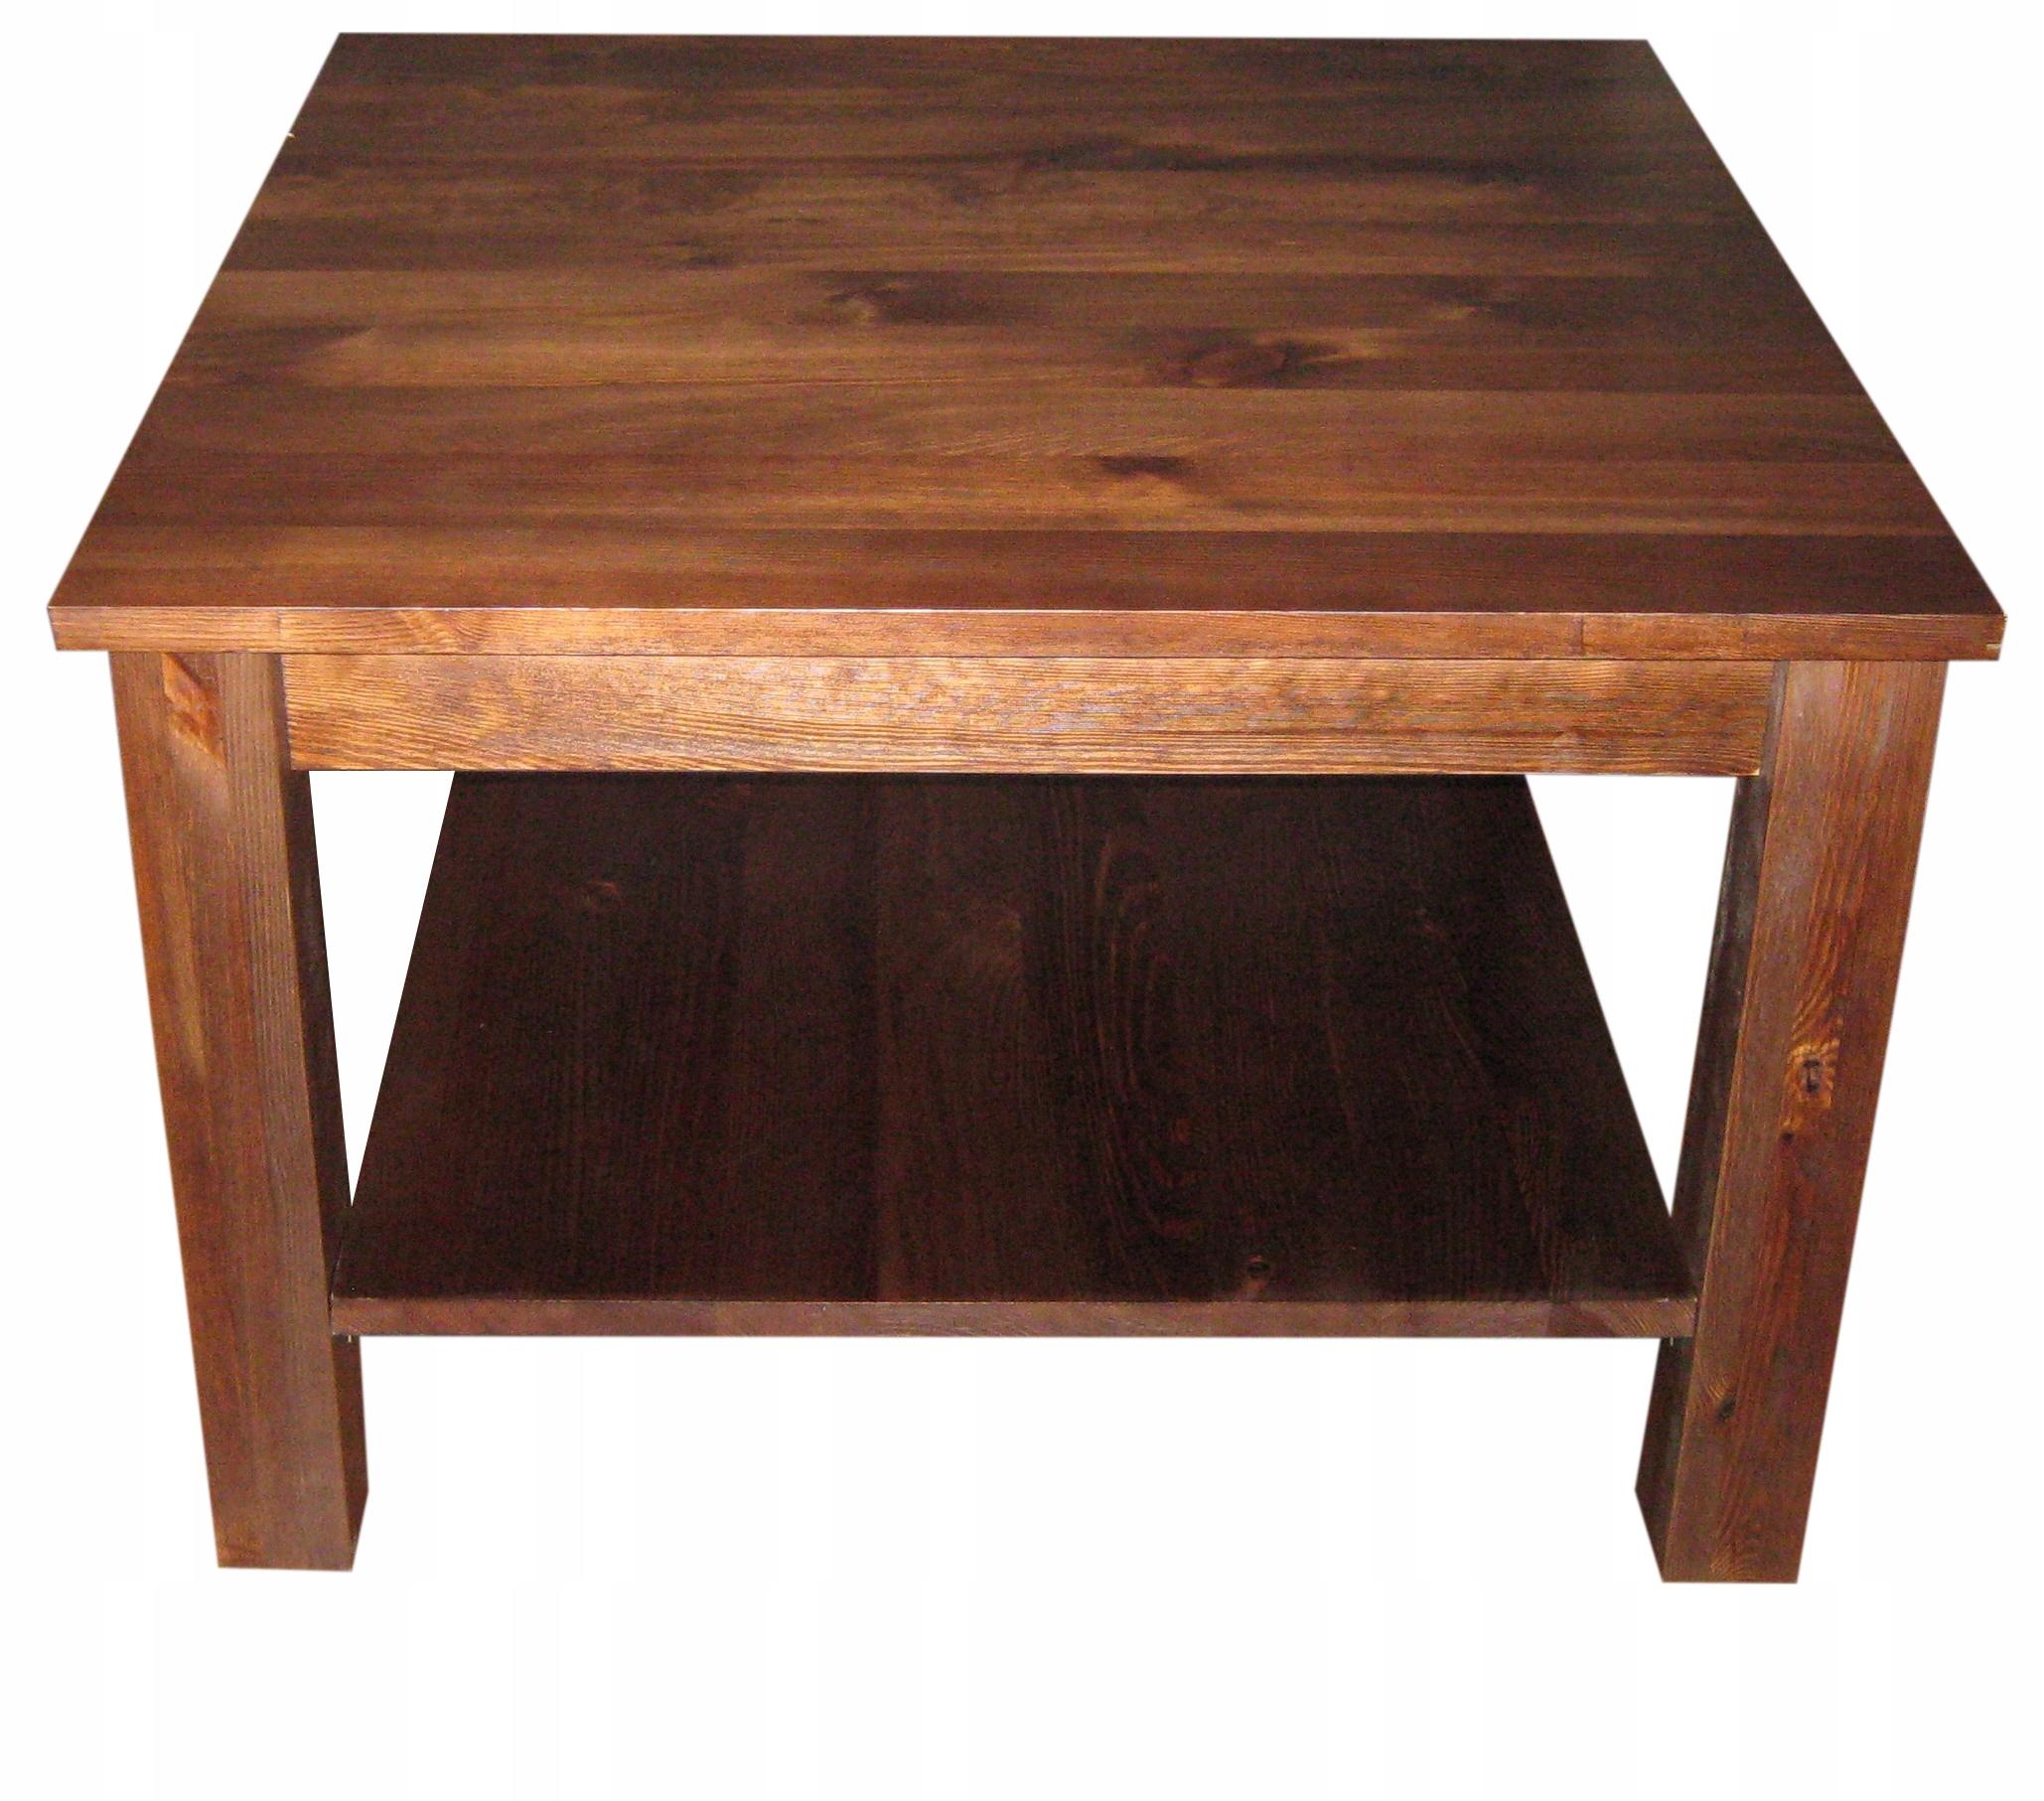 Stół drewniany sosnowy 90x90 ELEGANCKI NOWOCZESNY Kolekcja ..